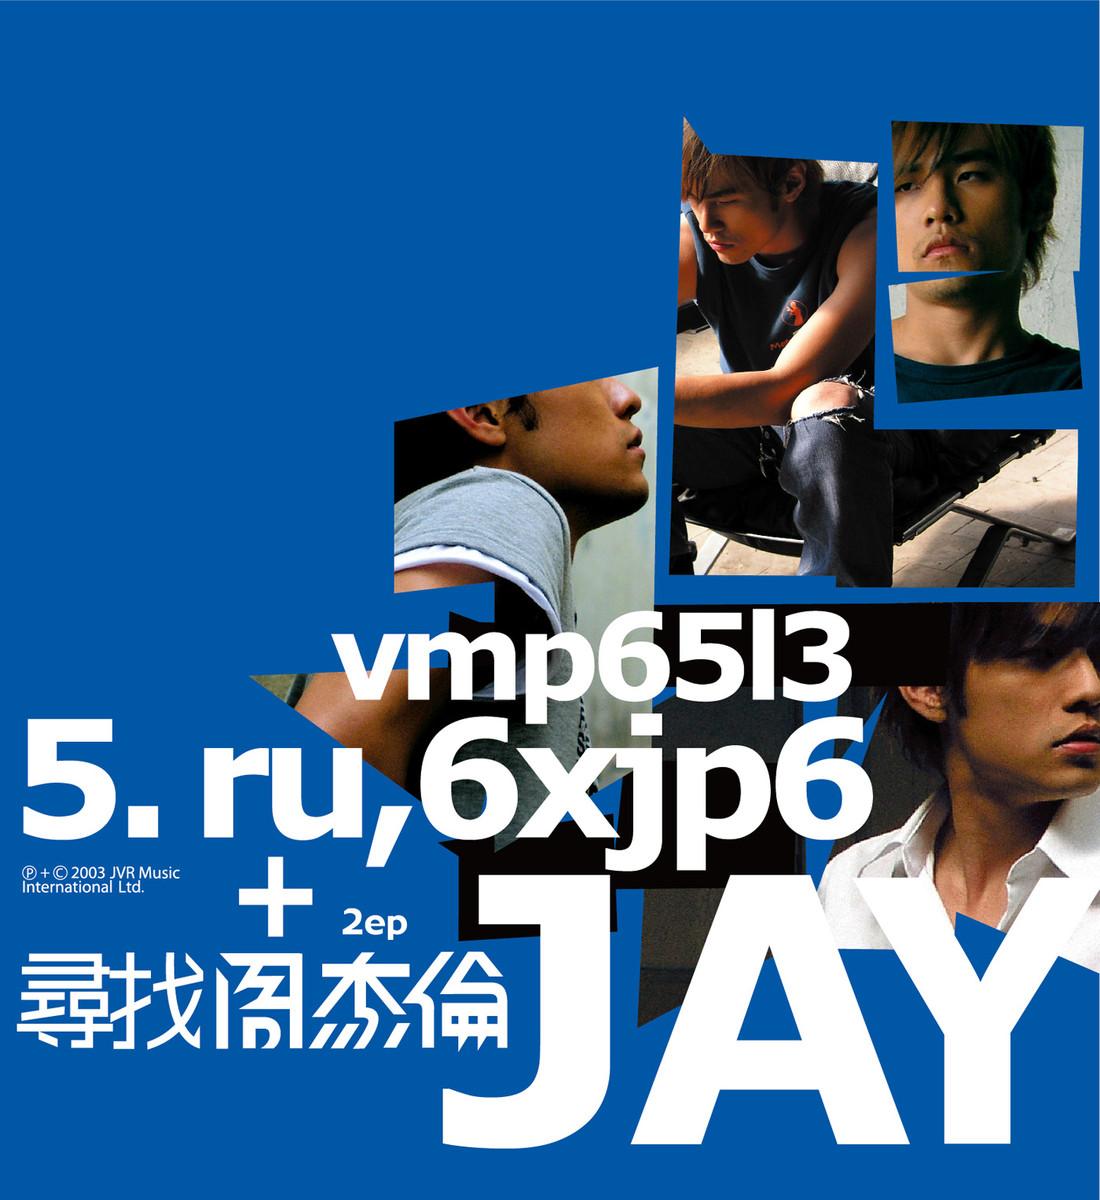 周傑倫 (Jay Chou) – 尋找周傑倫 EP (2003) [FLAC 分軌]